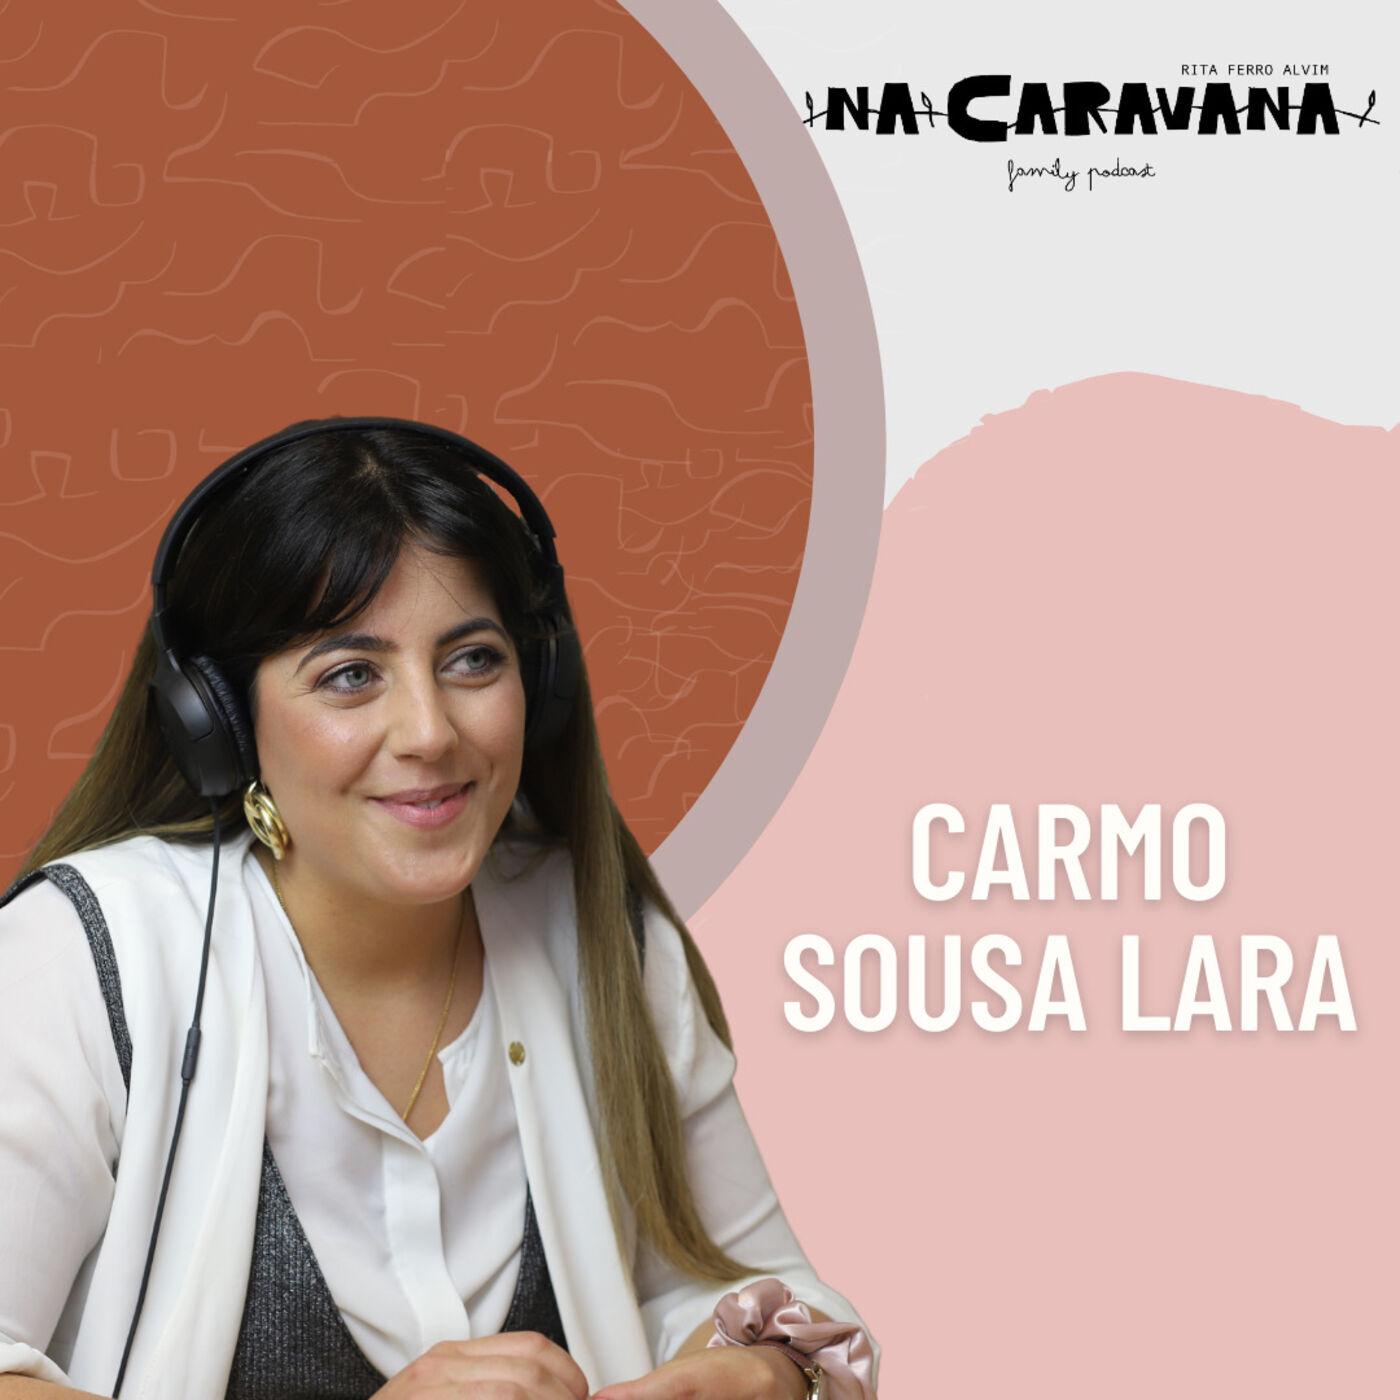 N'A Caravana com Carmo Sousa Lara #80 Aceitação, comunidade e uma marca inesperada